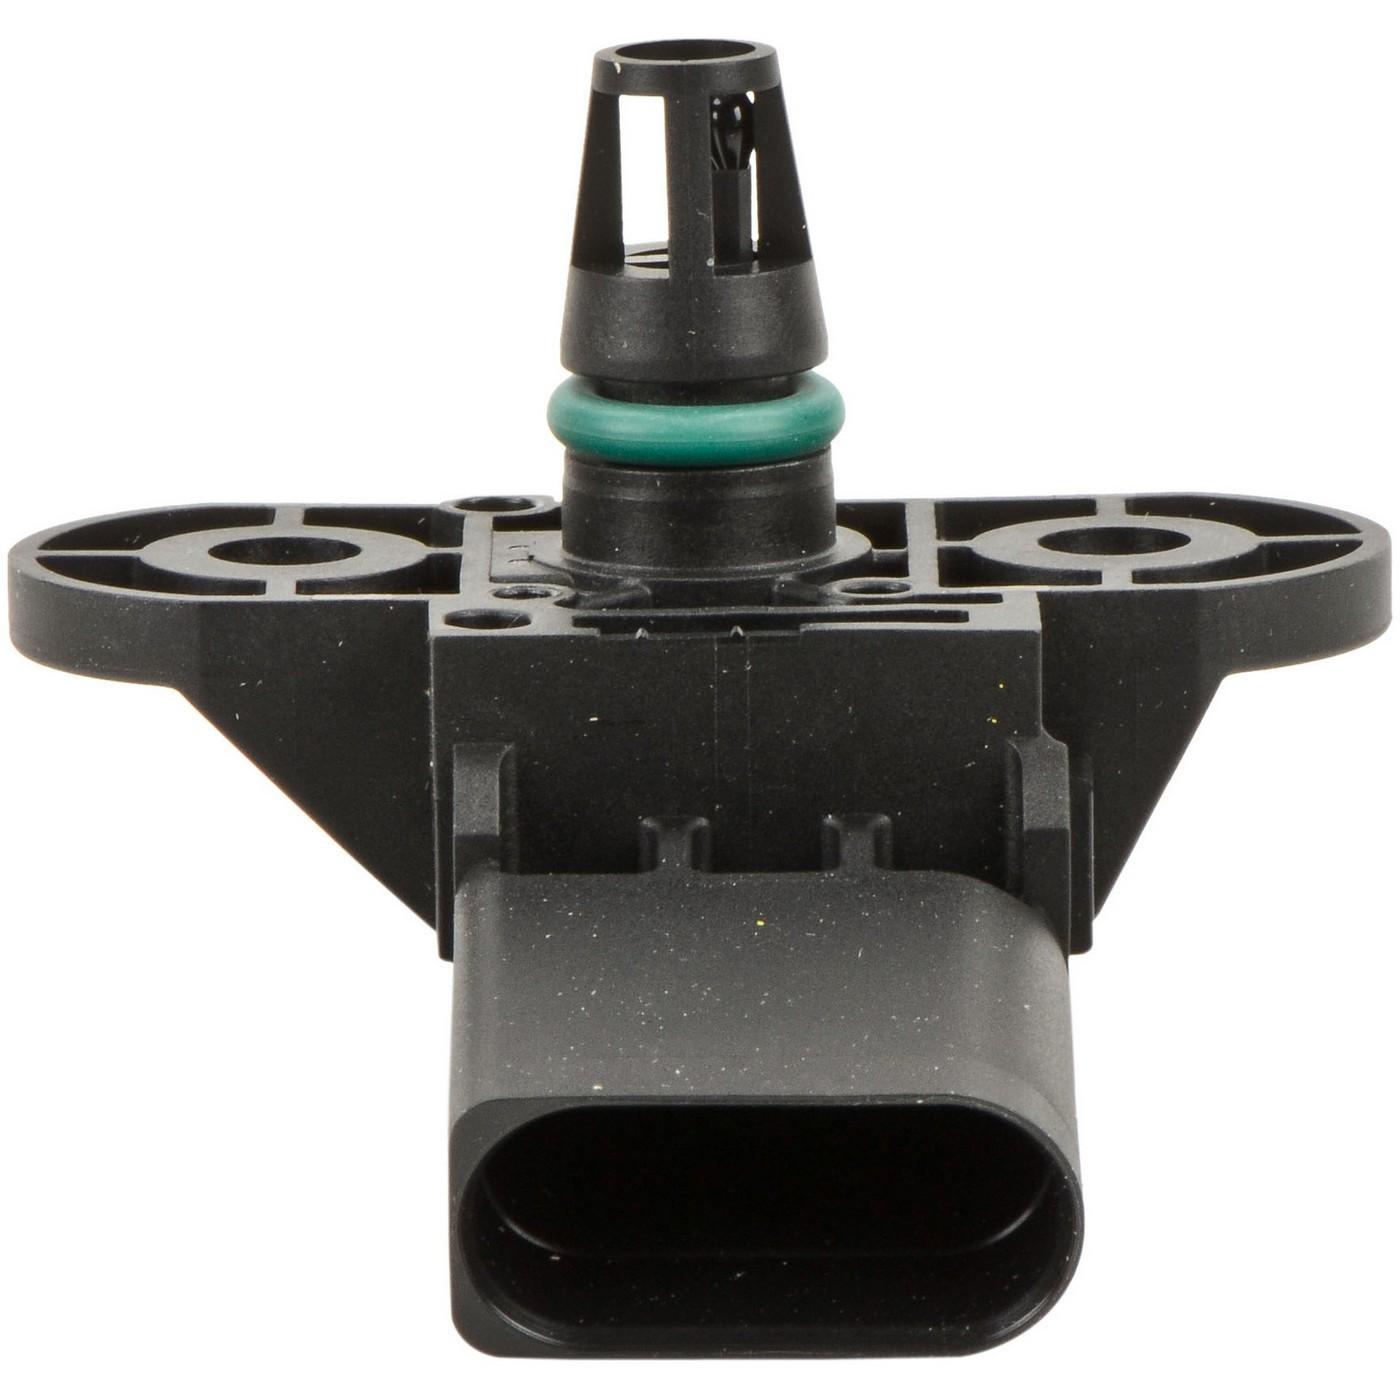 Astravan 2004-2011 Professional MAP Intake Manifold Pressure Sensor 0281002487 Fit for Astra 2003-2009 Manifold Absolute Pressure Sensor